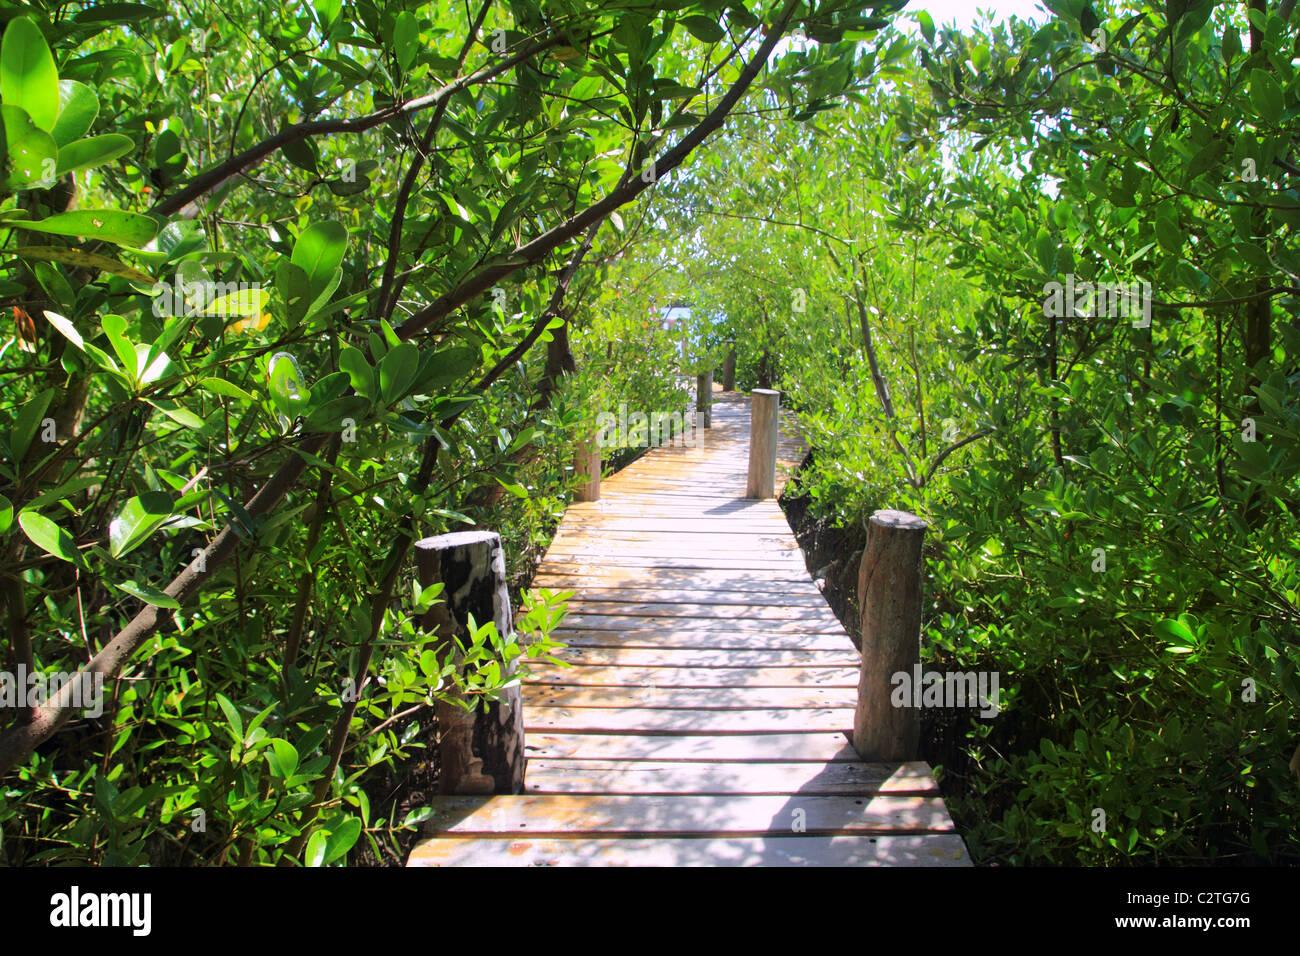 El bosque de mangle walkway jungle Quintana Roo México Imagen De Stock